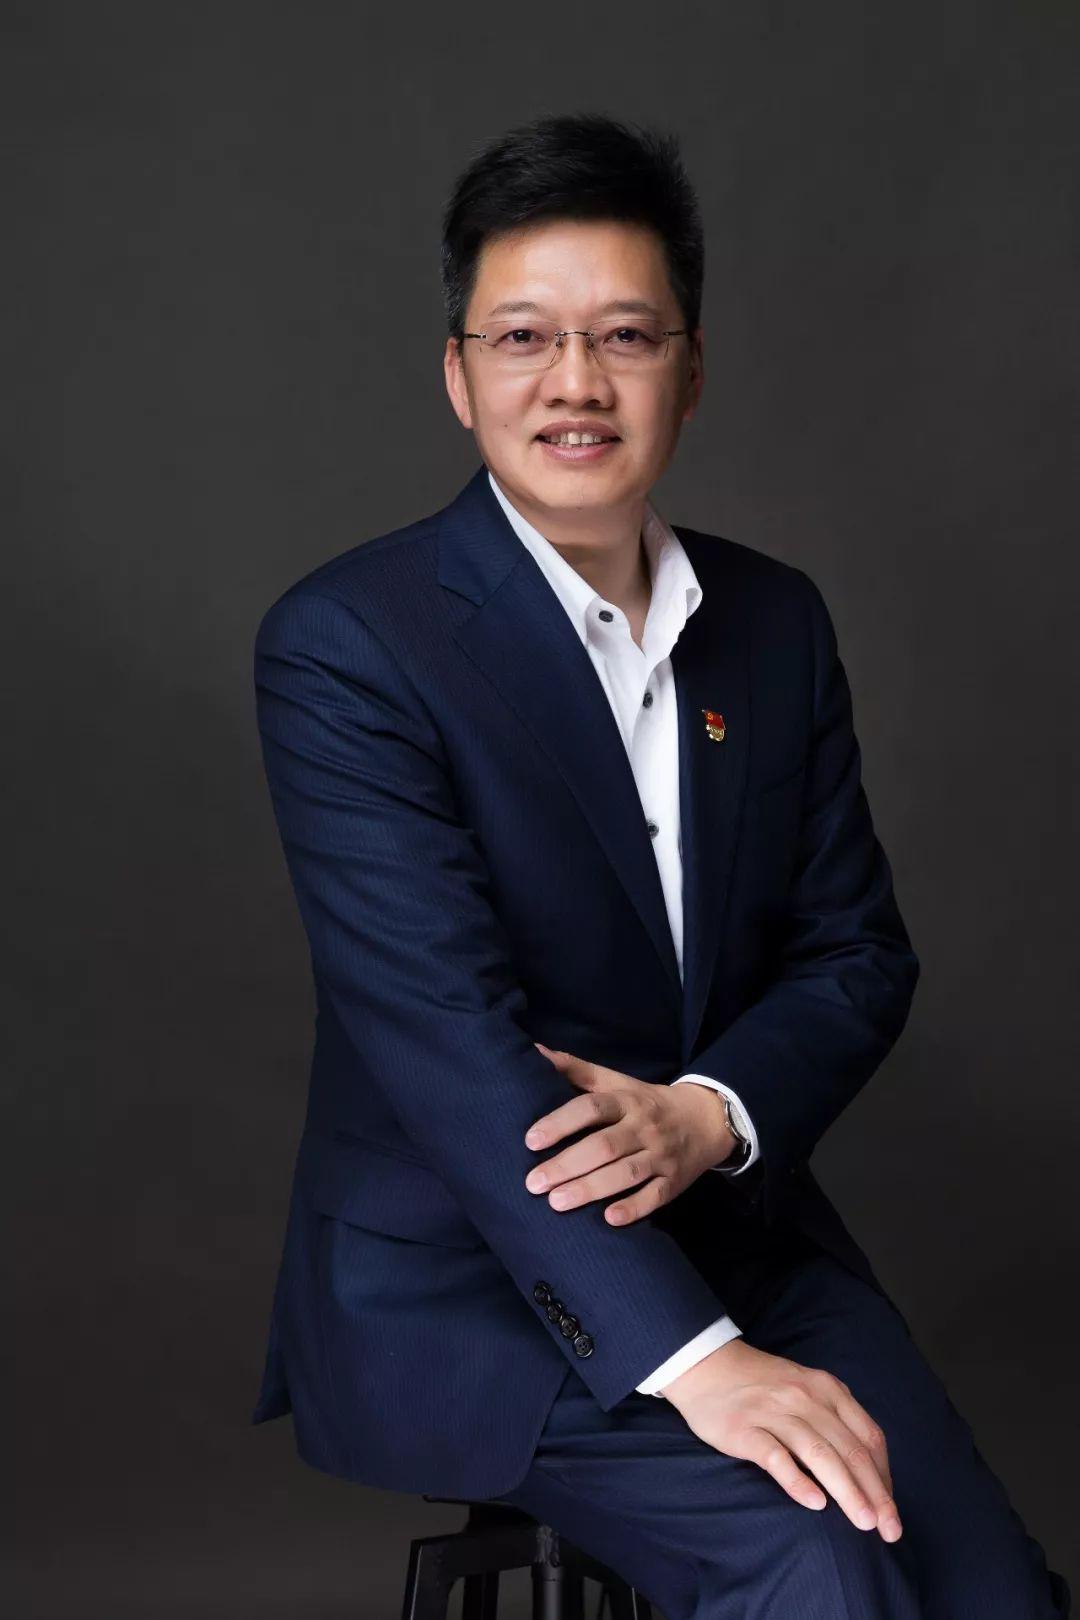 友e家娱乐平台怎么样-永高股份有限公司 第四届董事会第二十五次会议决议公告